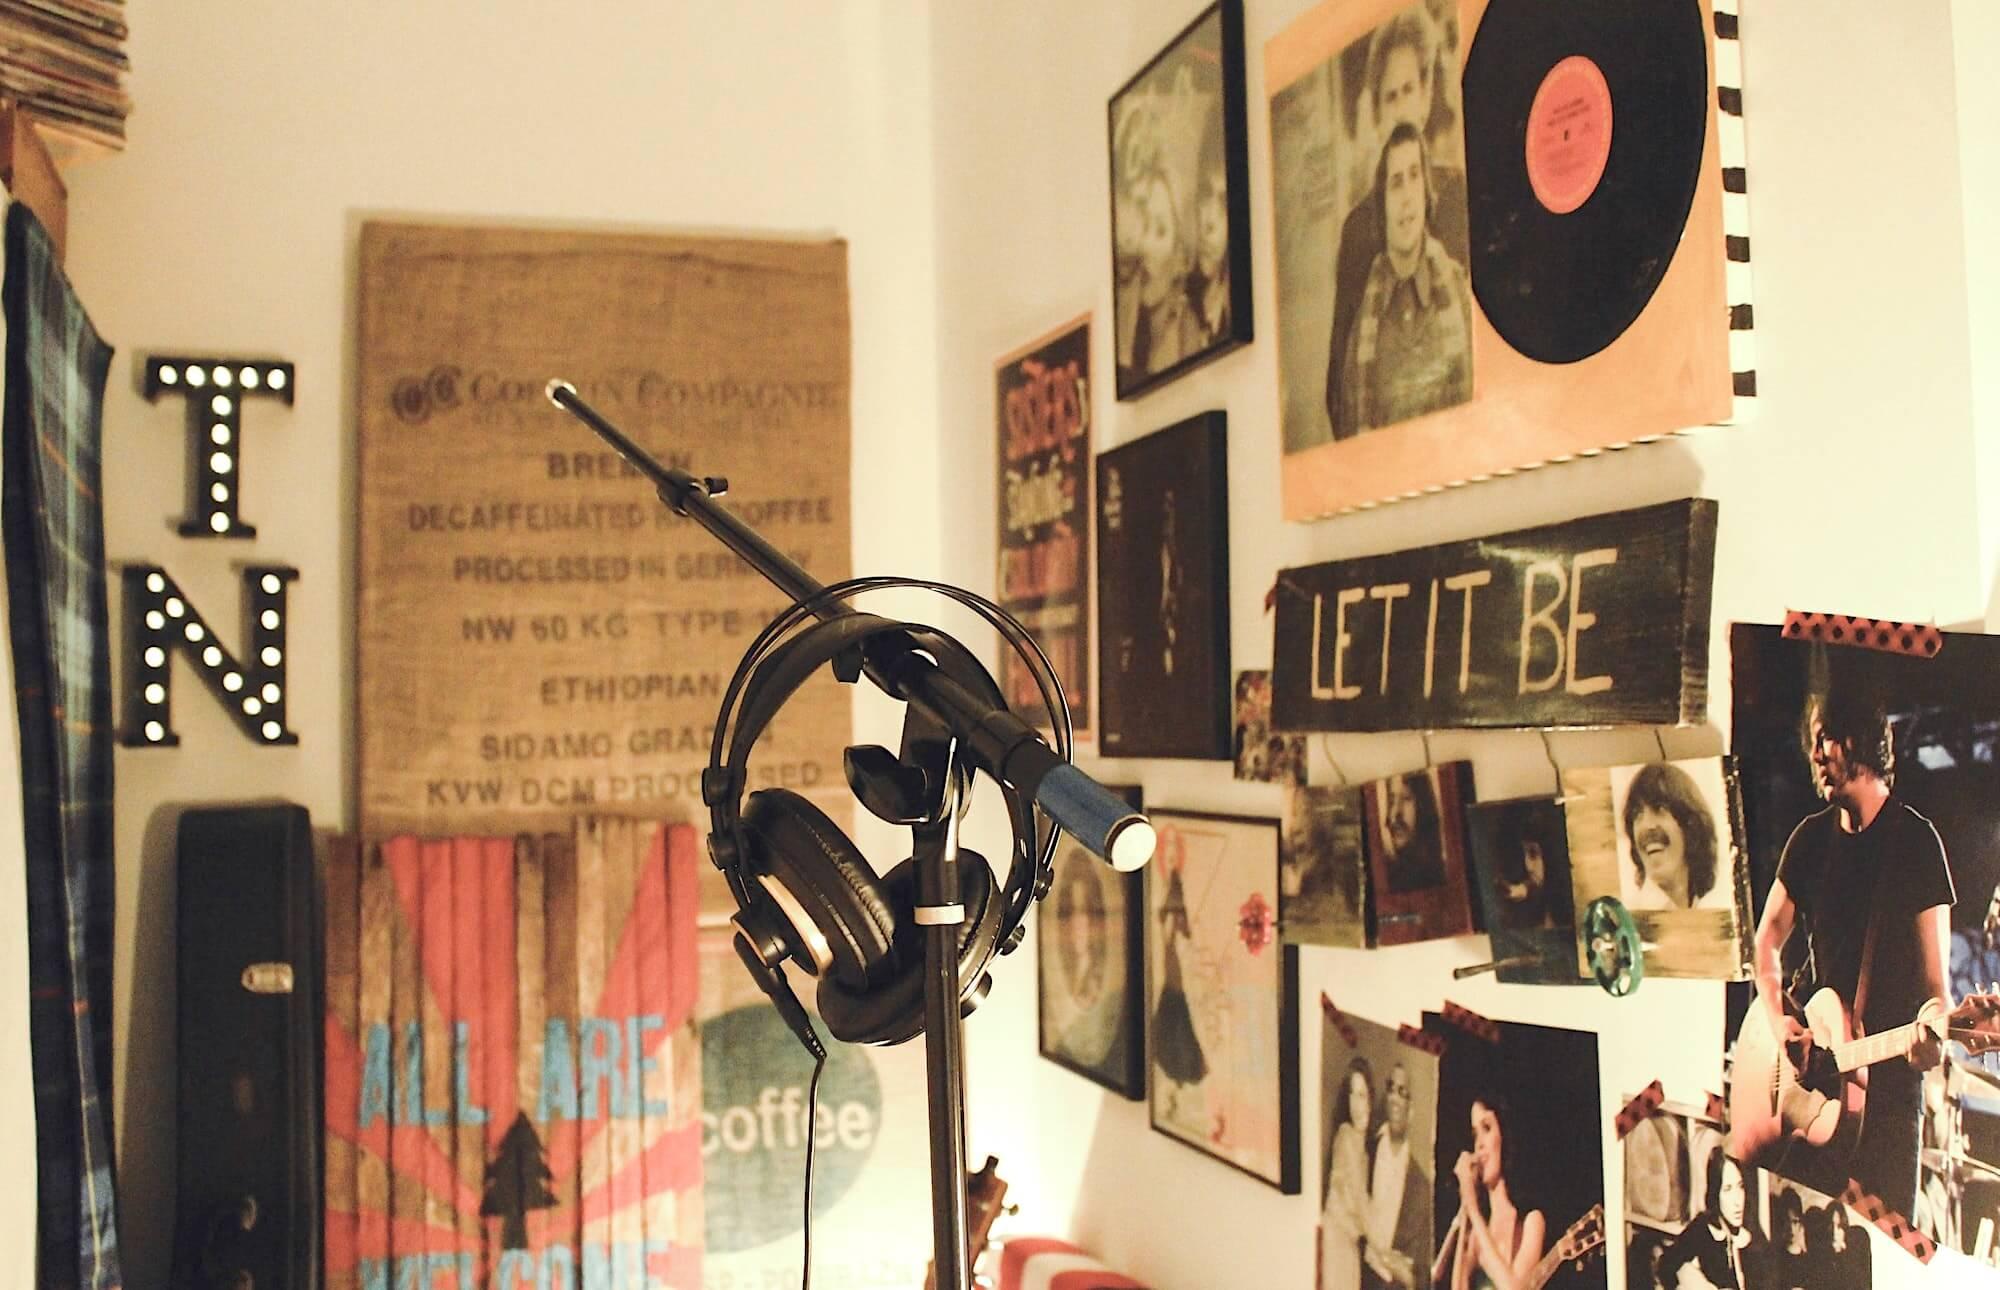 Фотография: Paulette Wooten. Источник: Unsplash.com